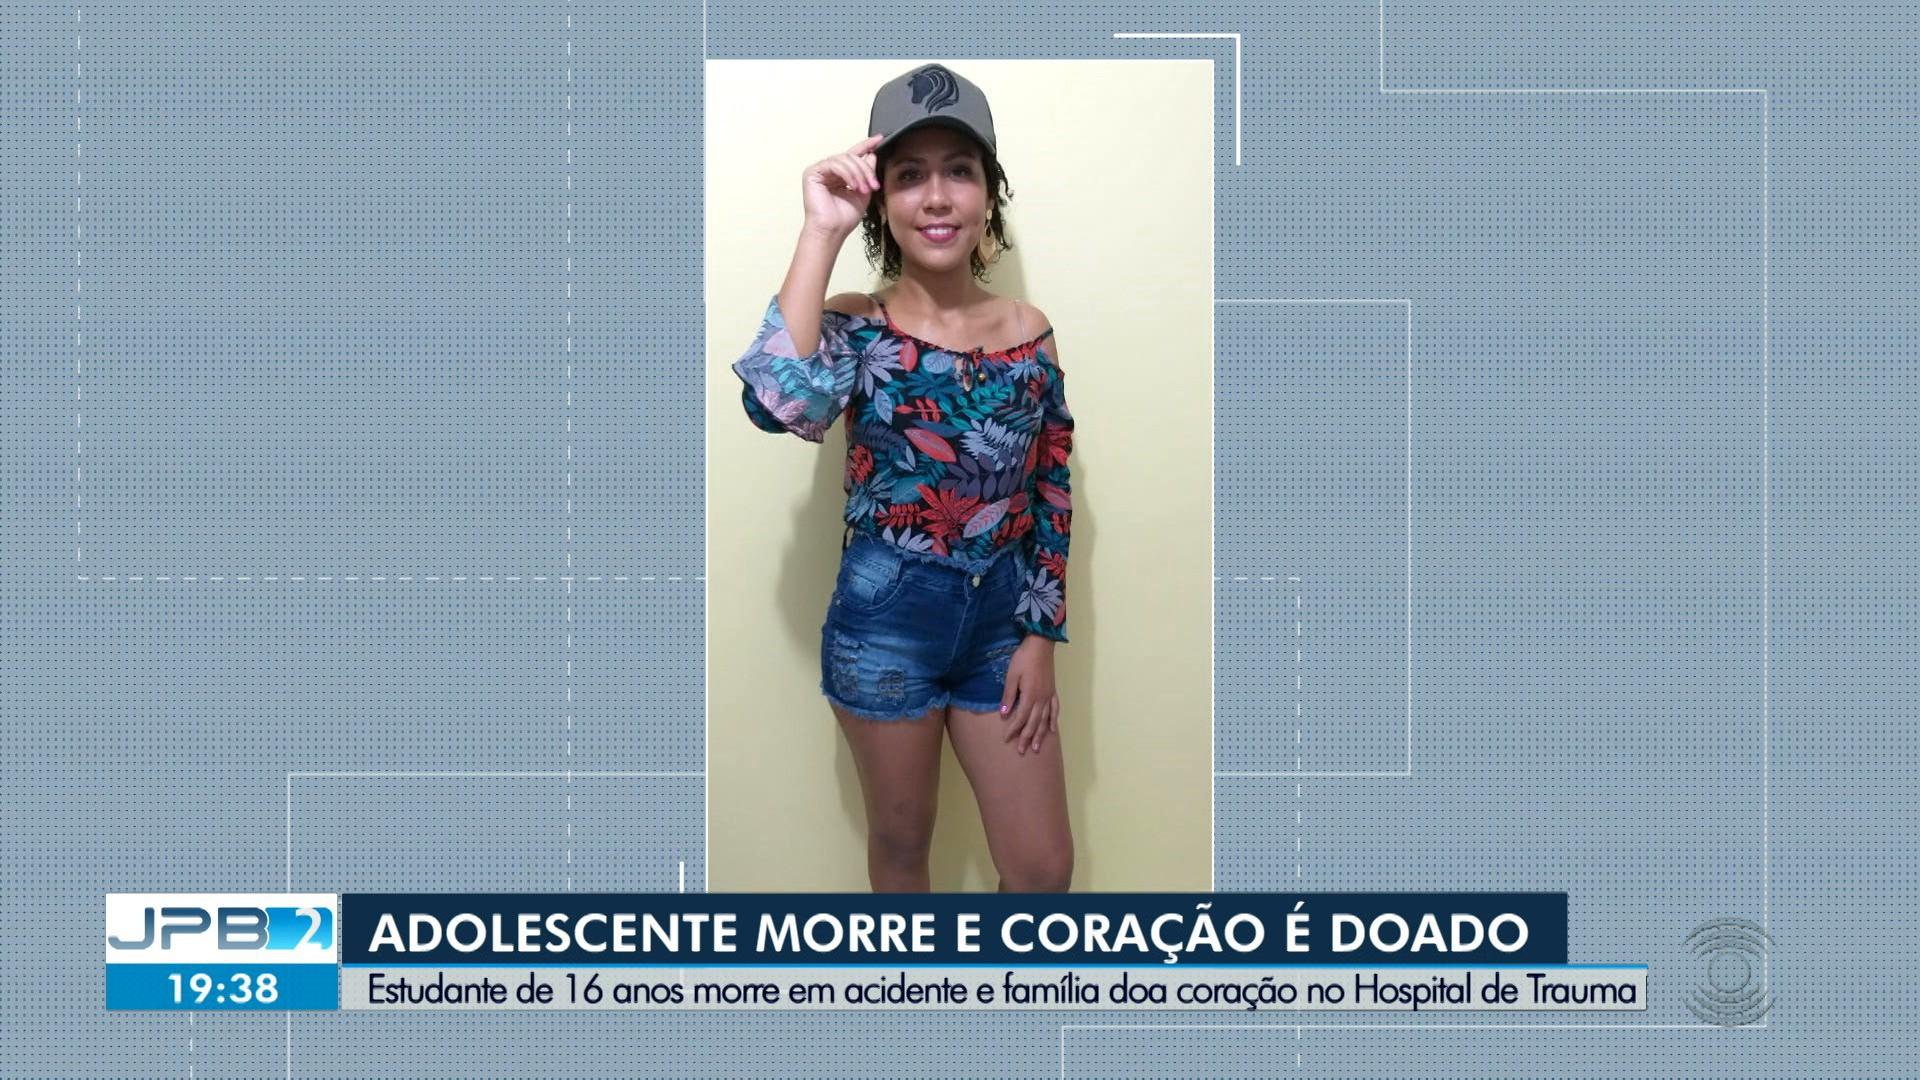 VÍDEOS: JPB2 (TV Paraíba) desta segunda-feira, 19 de outubro